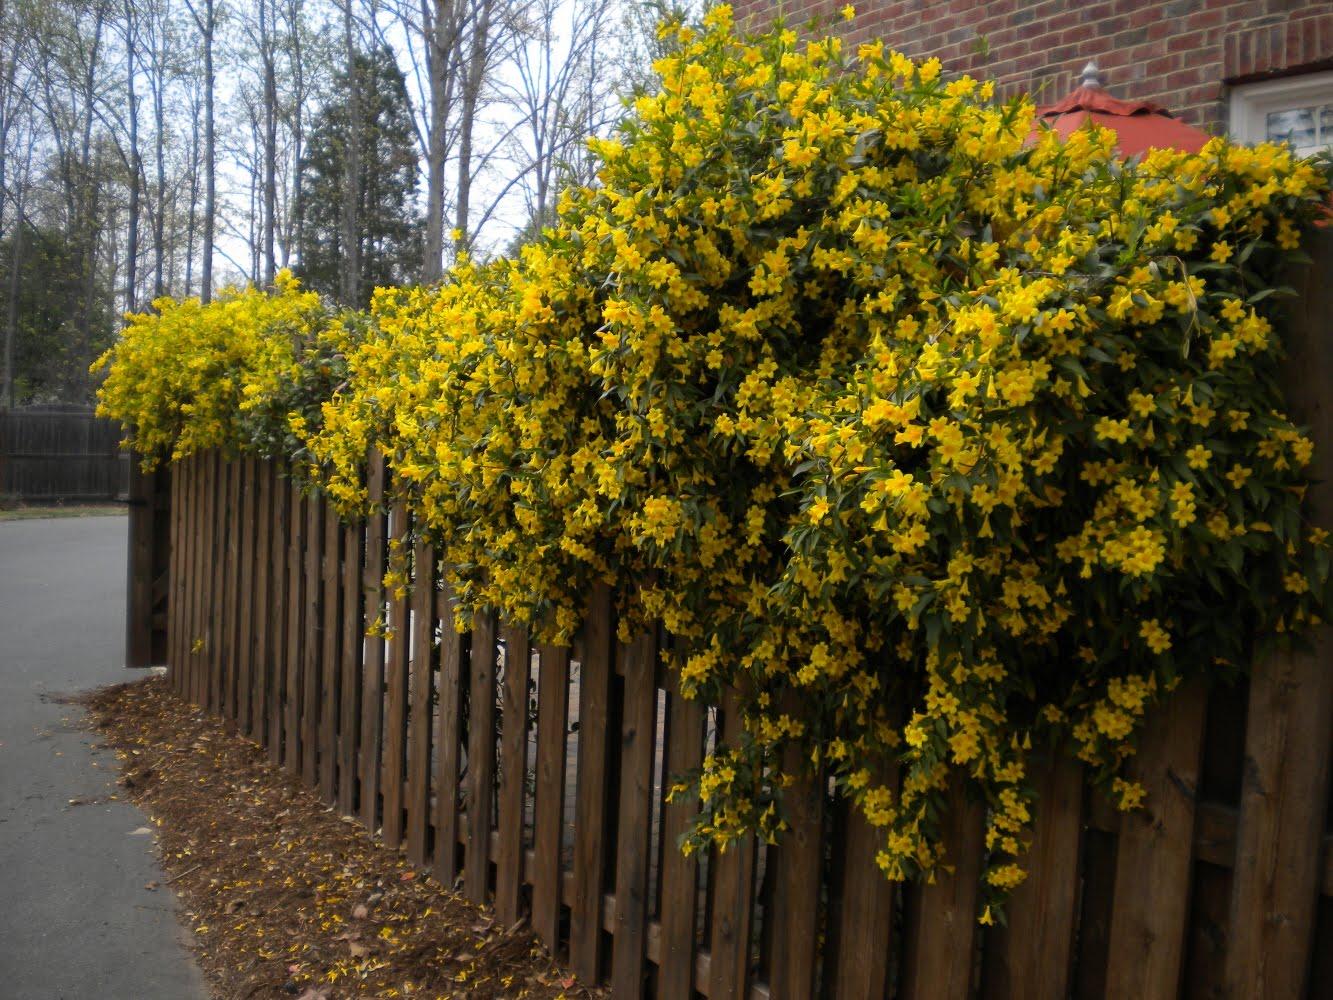 sherri u0026 39 s jubilee  my nature stroll around the neighborhood